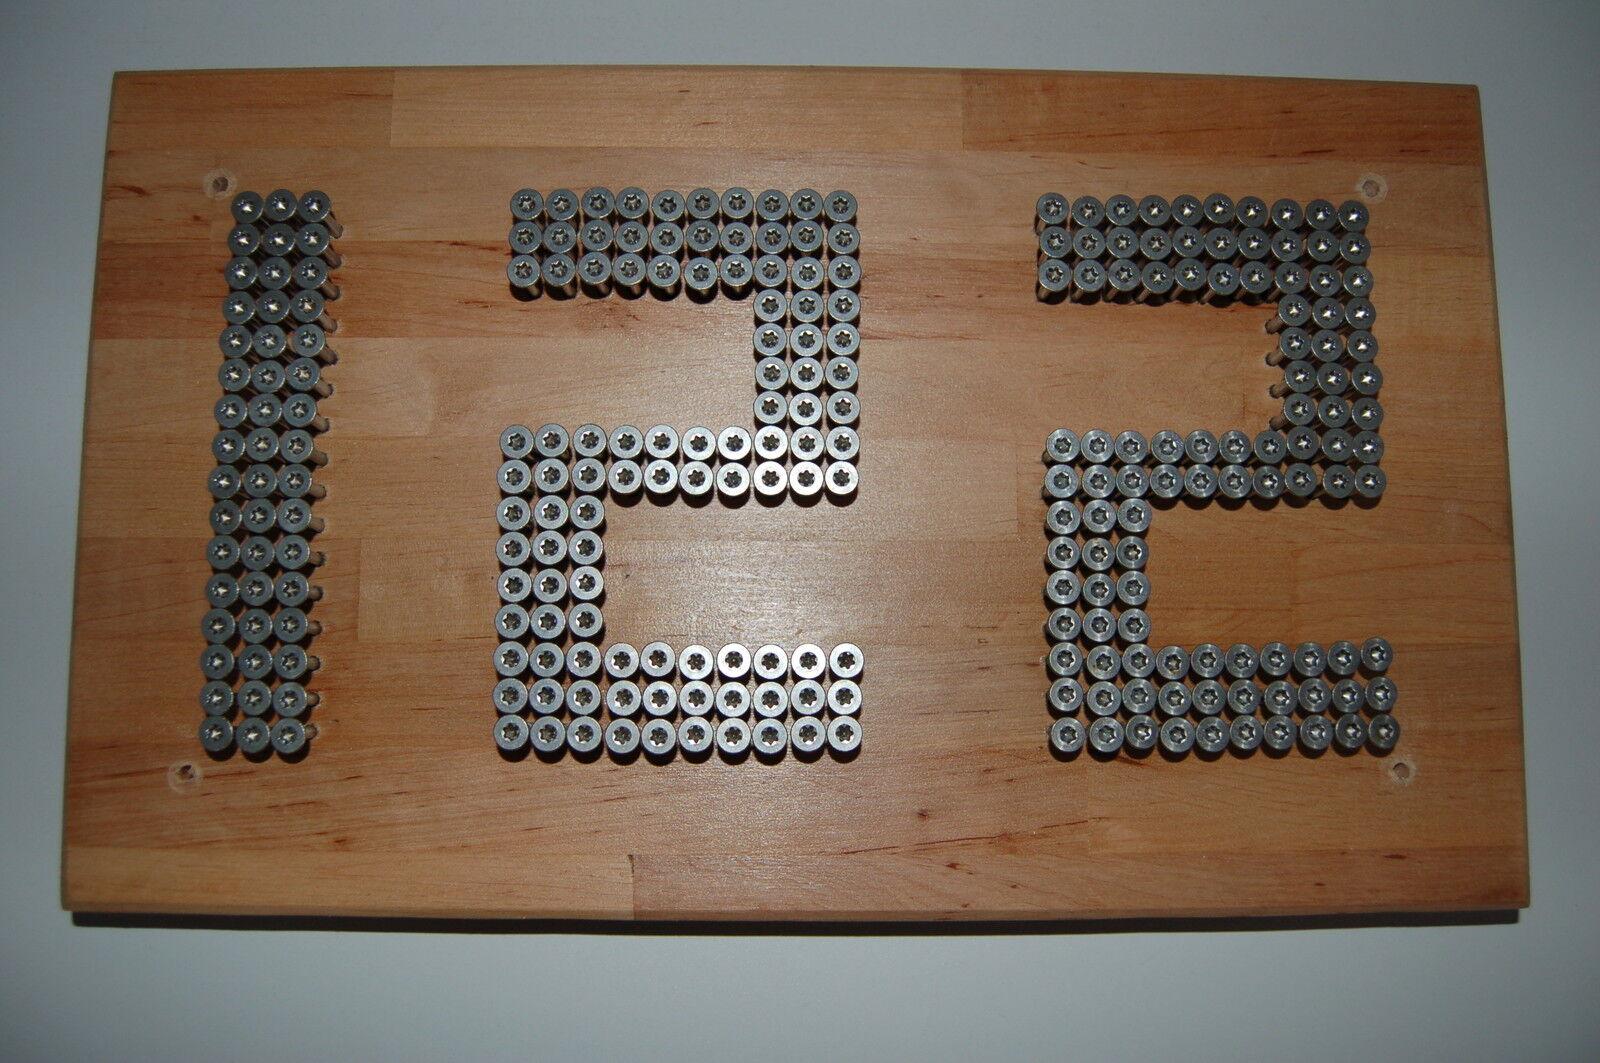 Designer Hausnummer aus Schrauben, Vollholz Lärche oder oder oder Buche, Schrauben A2 8fd2ef